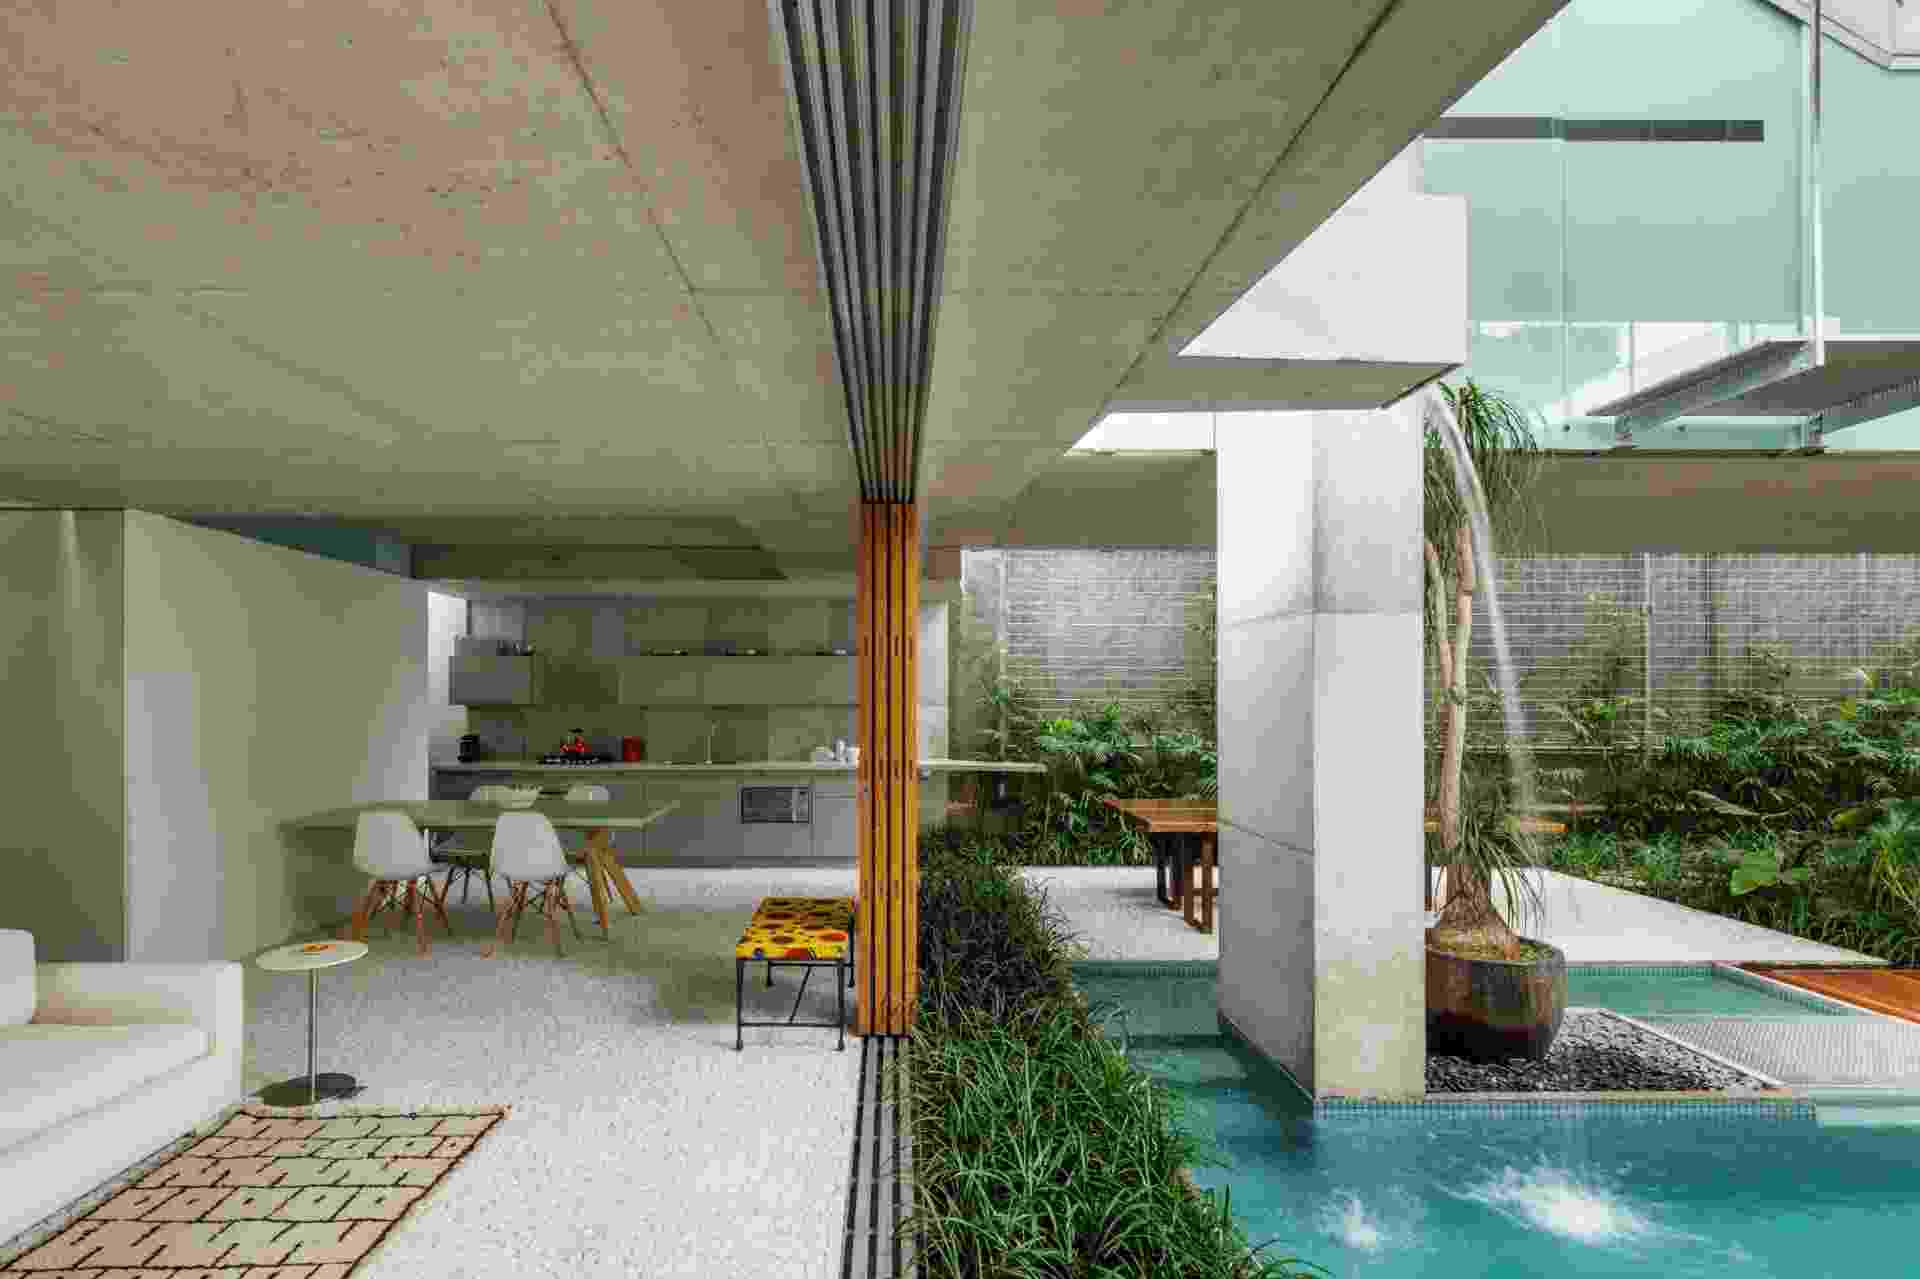 """[VENCEDOR] O Melhor da Arquitetura 2014 - categoria """"Casa Urbana - Menos de 300 m²"""": Casa de fim de semana em São Paulo - SPBR Arquitetos. Estruturada em concreto aparente, a casa respeita o limite de seis metros de altura estabelecido para o bairro, na capital paulista. No nível do solo, o pavilhão social (foto), composto por estar, jantar e cozinha, é totalmente aberto para o abundante jardim, com espelho d'água - Divulgação"""